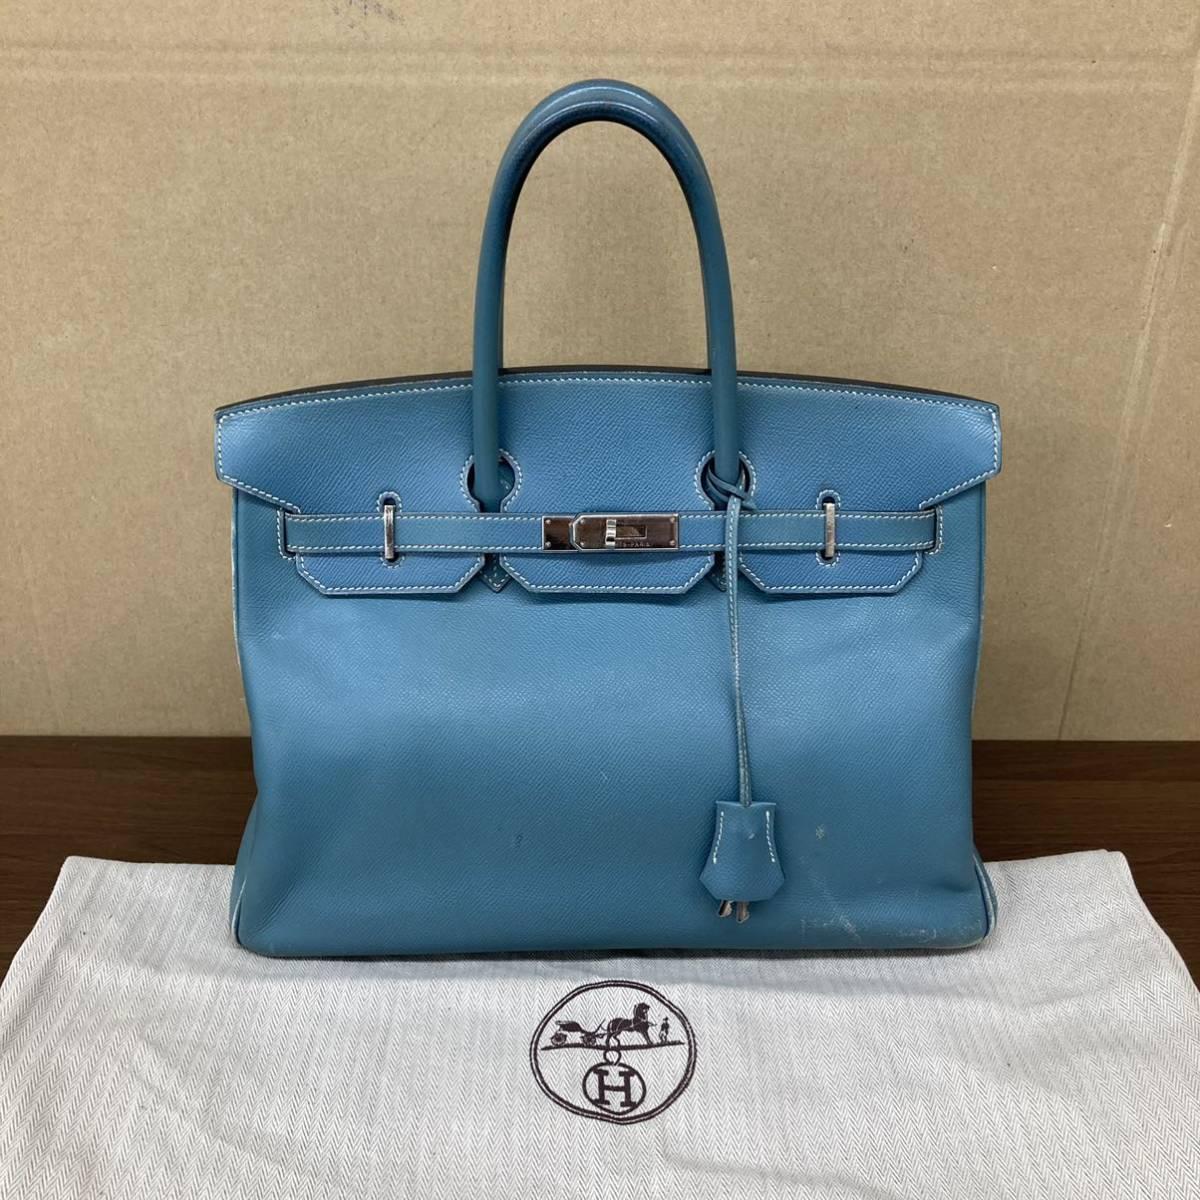 ★1円スタート★HERMES エルメス バーキン35 ハンドバッグ 手提げ ブルー 水色 シルバー